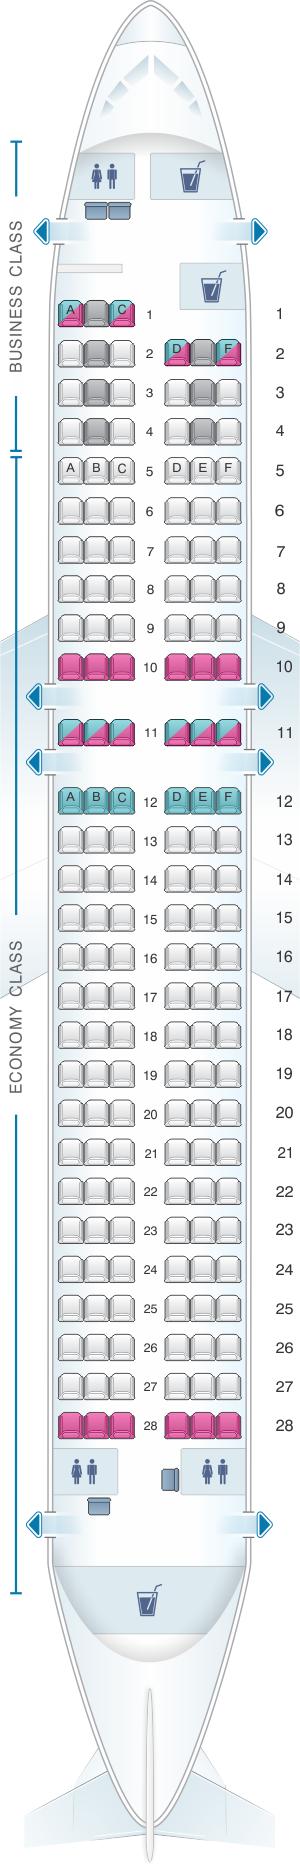 Seat map for Finnair Airbus A320